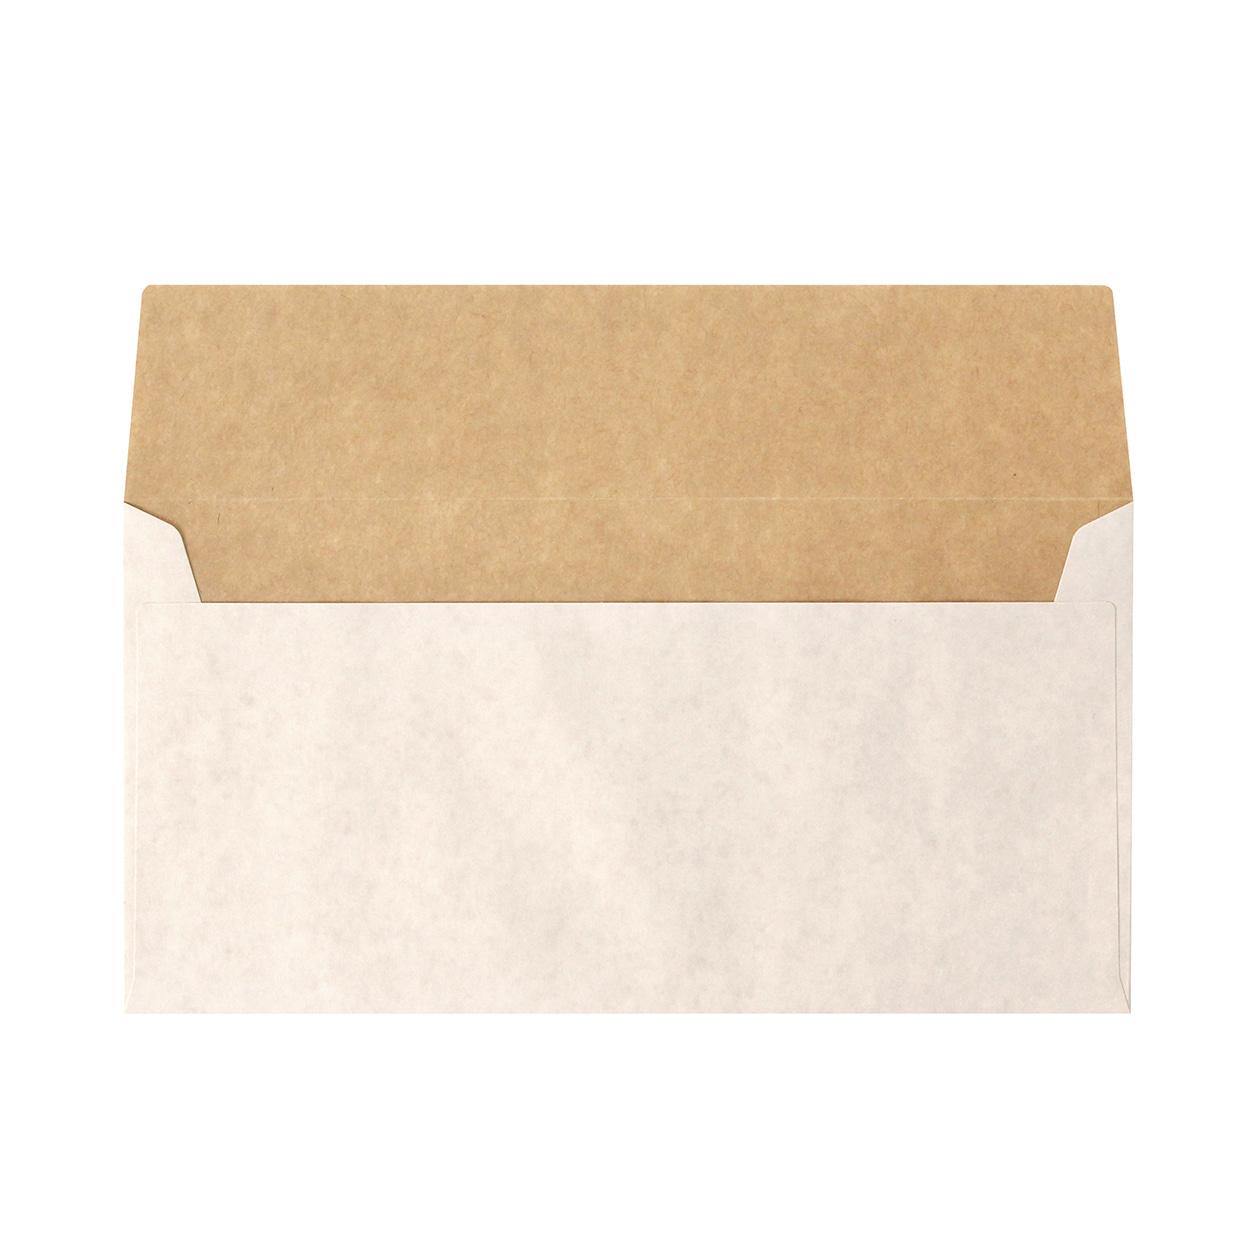 長3カマス封筒 ホワイトクラフト 100g